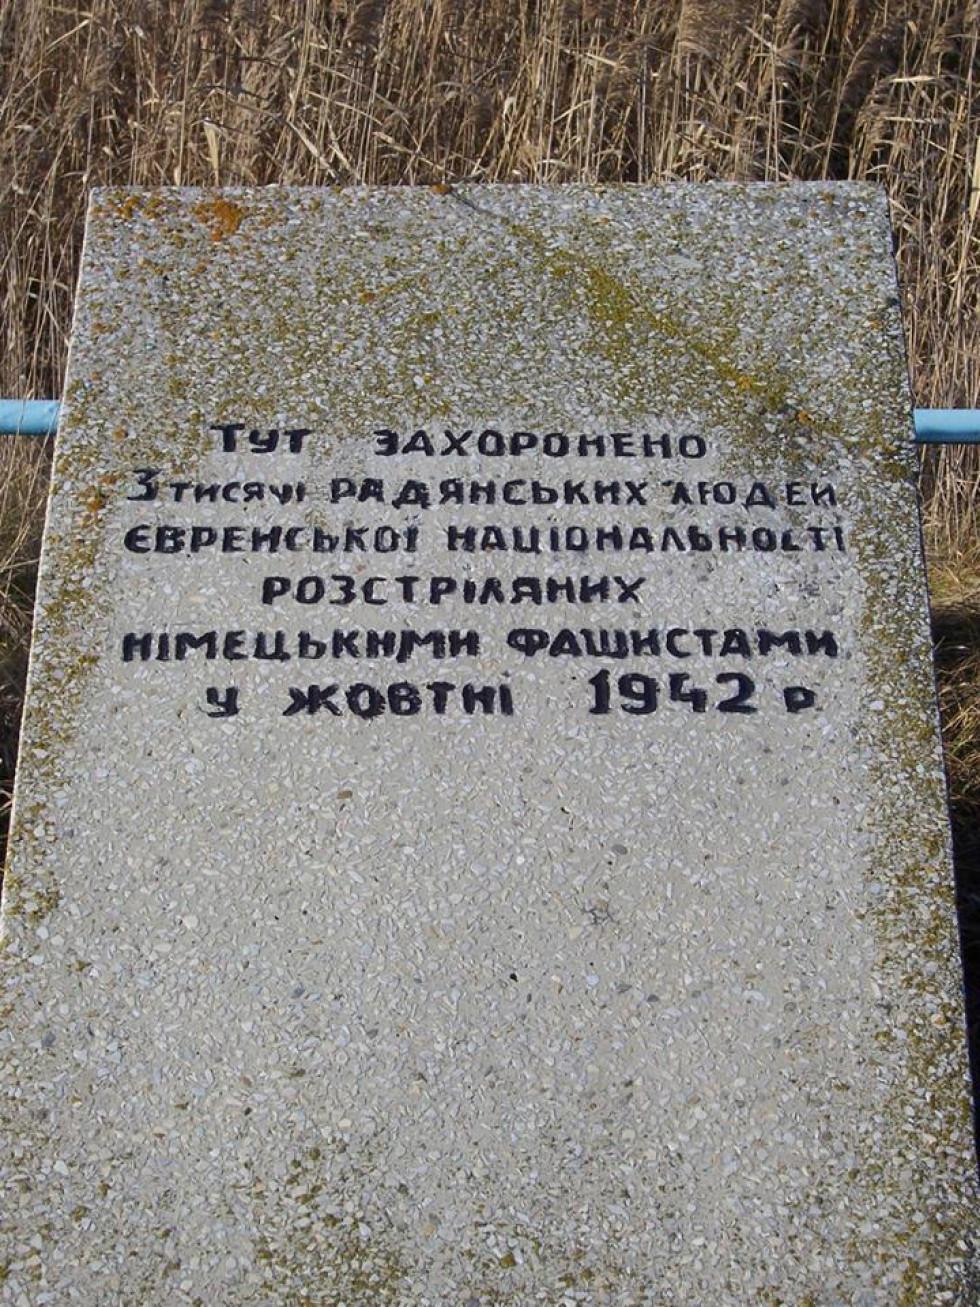 Пам'ятник радянських часів на місці Трохимброду